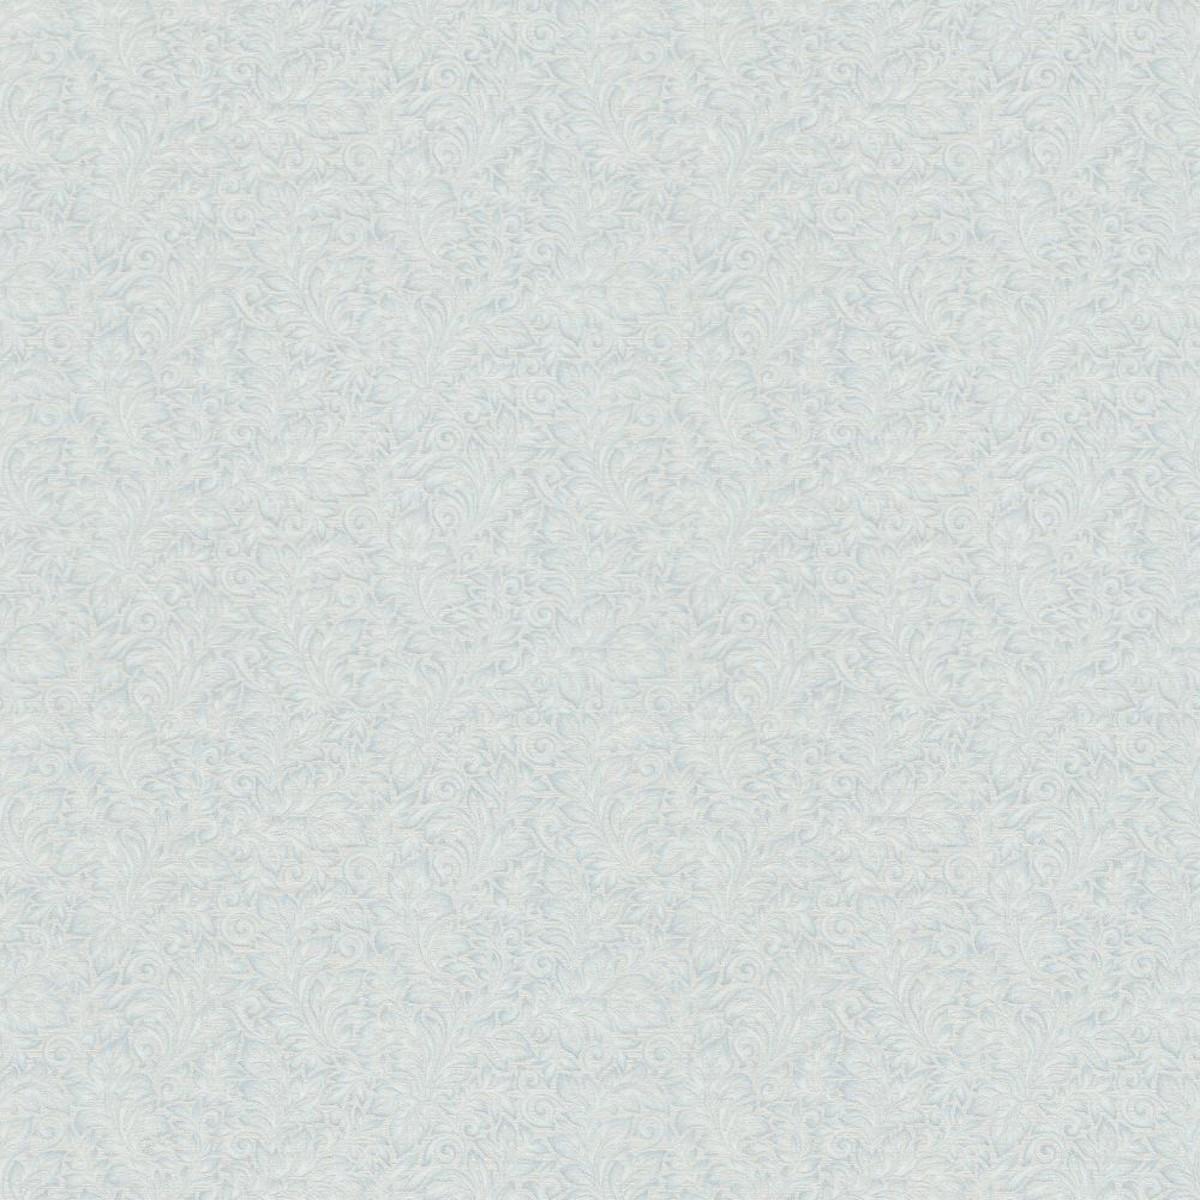 Обои флизелиновые Rasch Fiore серые 1.06 м 935837